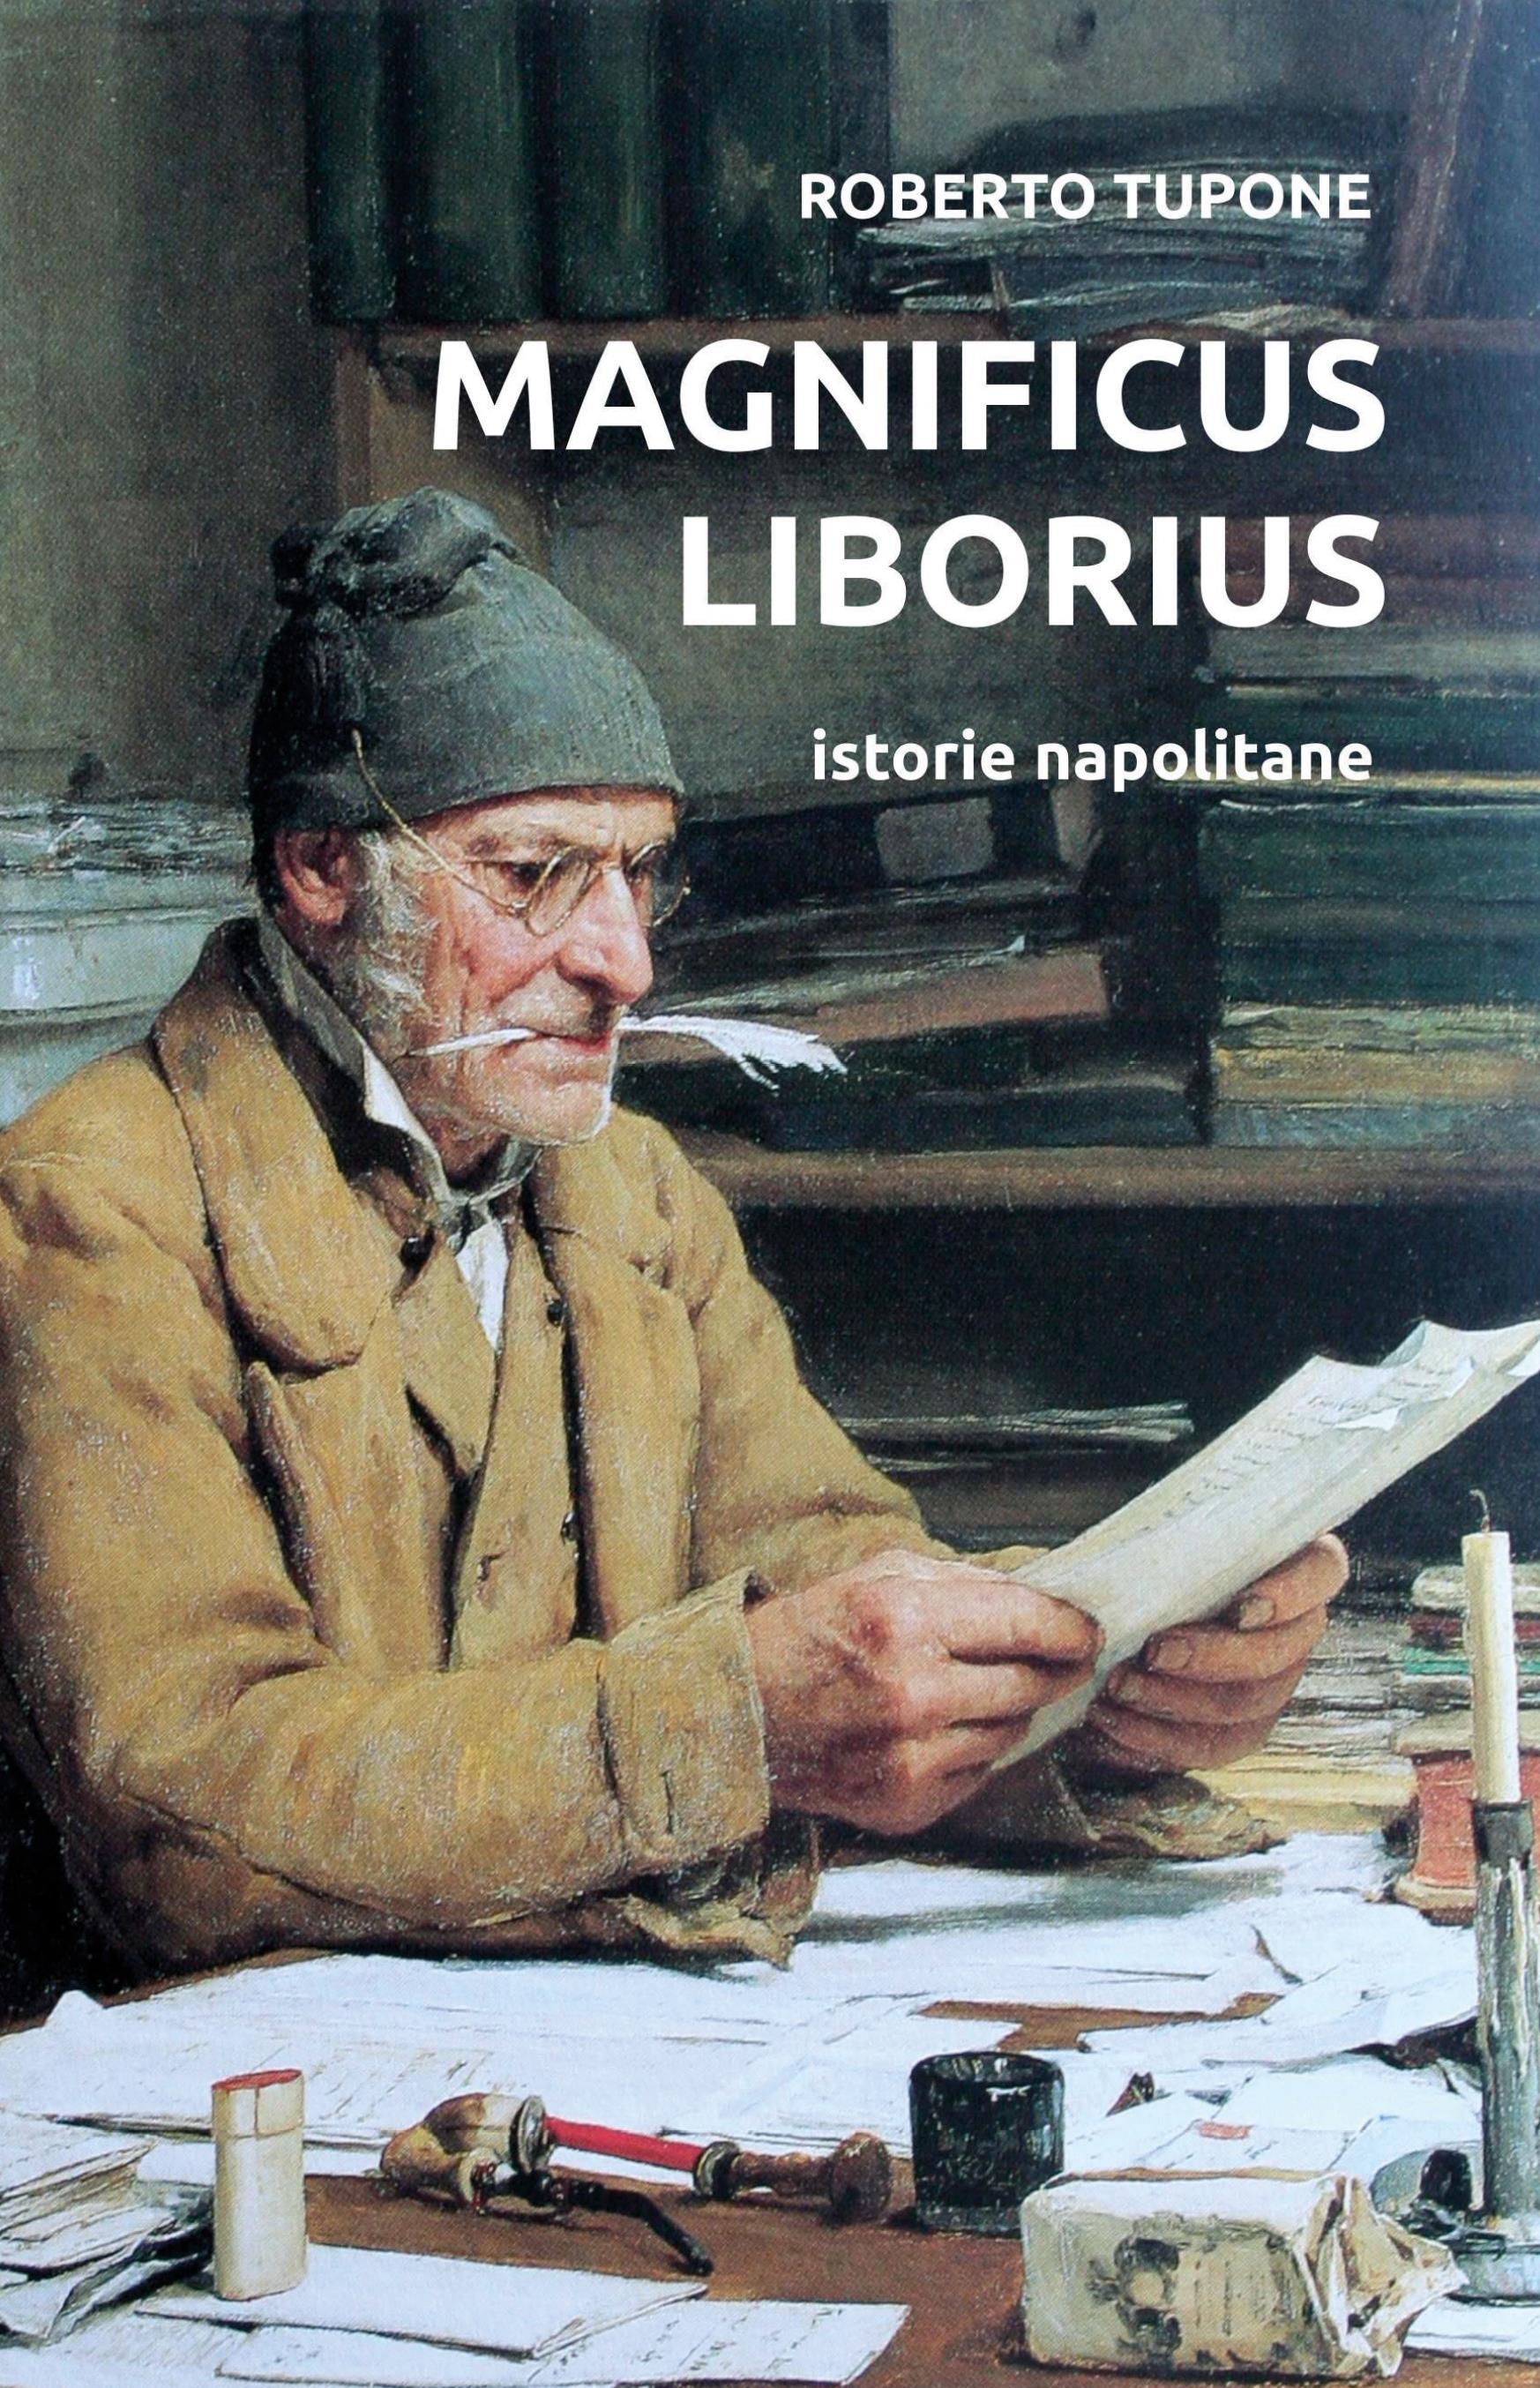 Magnificus Liborius istorie napolitane